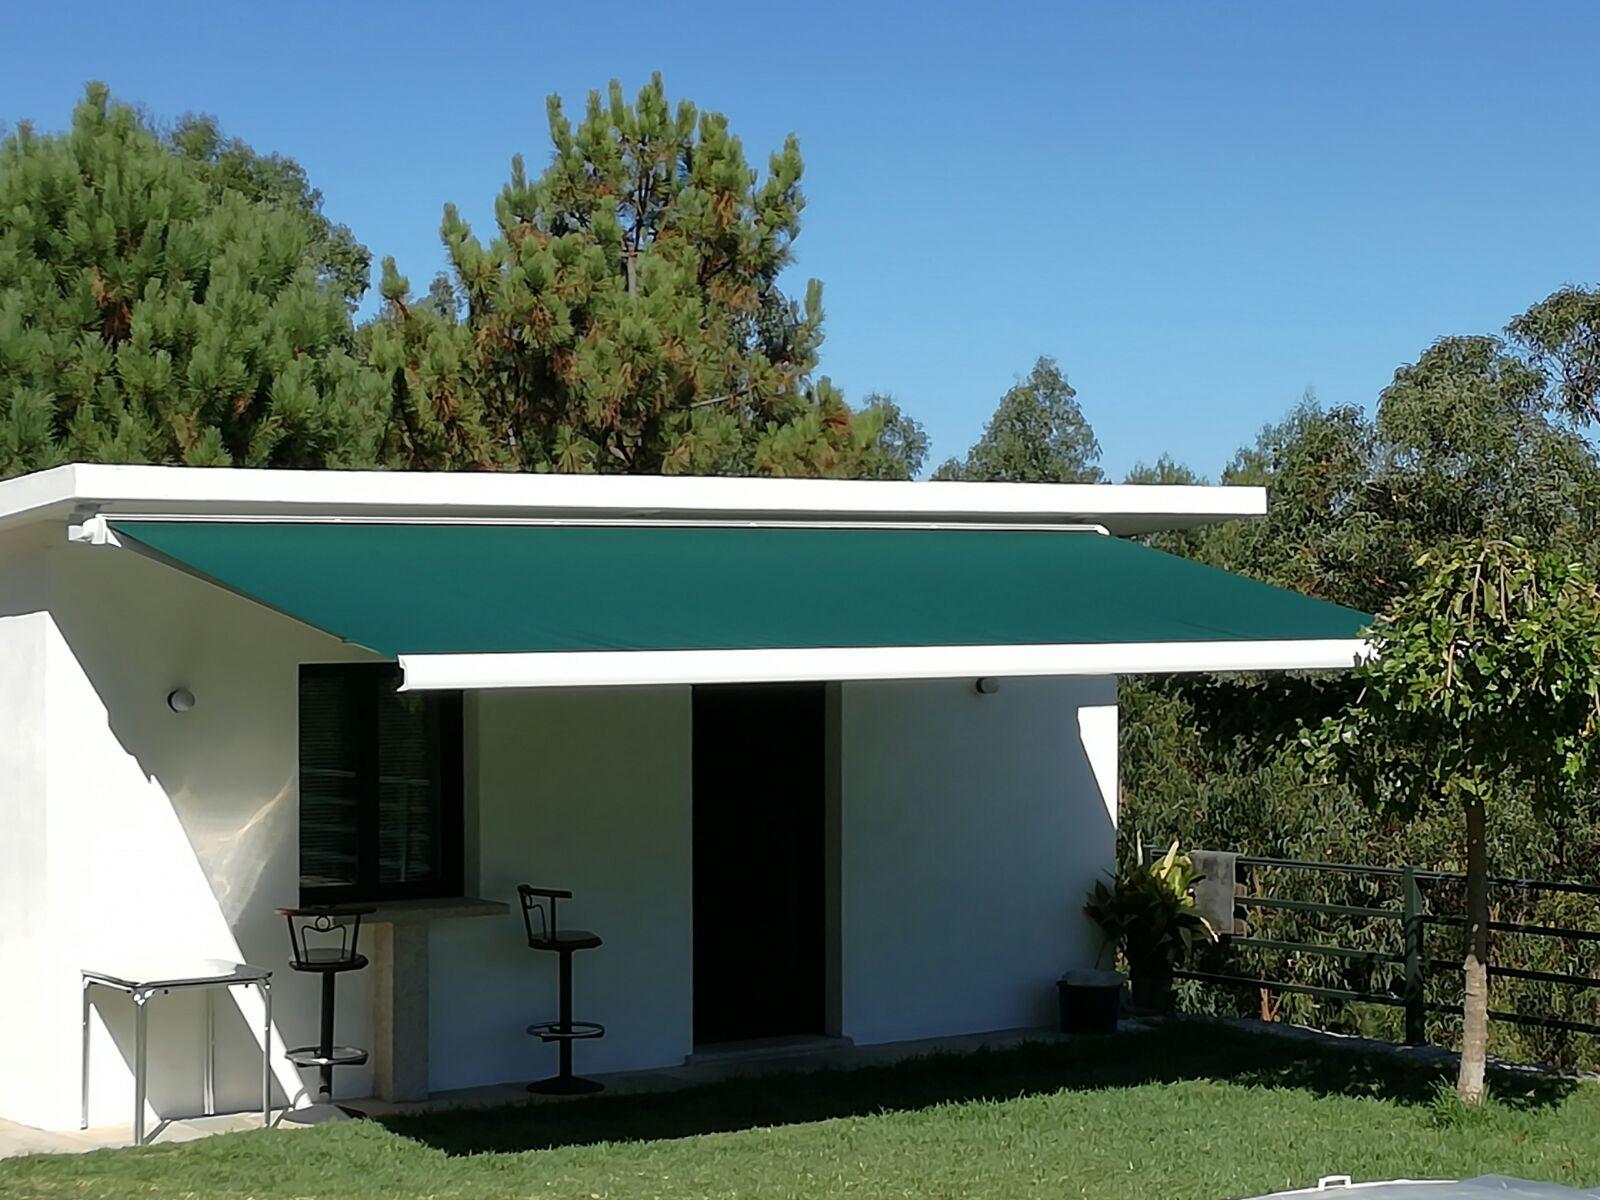 Galer a de toldos persianas estores enrollables masventana for Toldos triangulares para terrazas